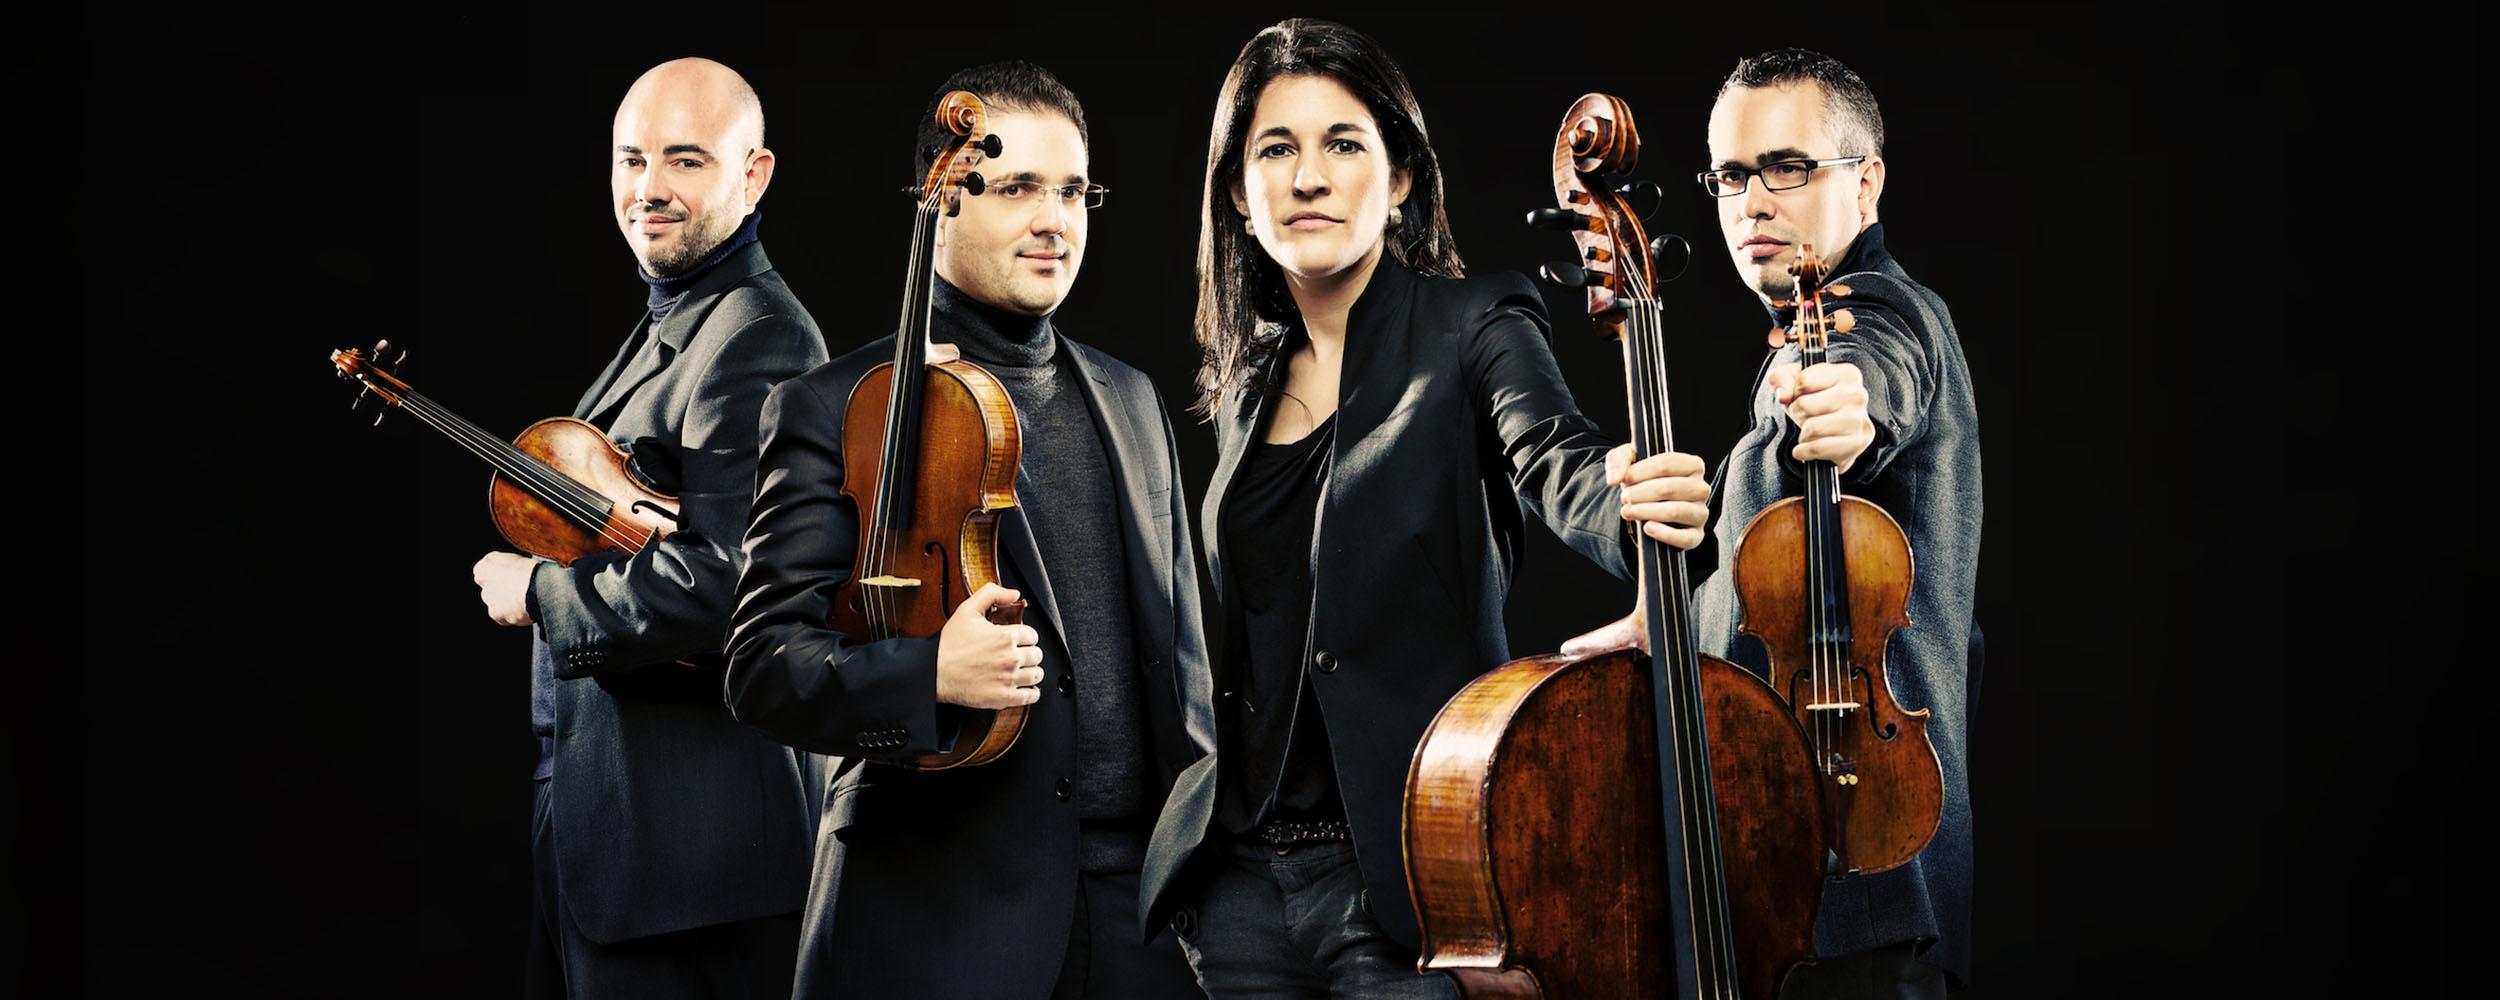 Foto tratta dal sito del Cuarteto Quiroga